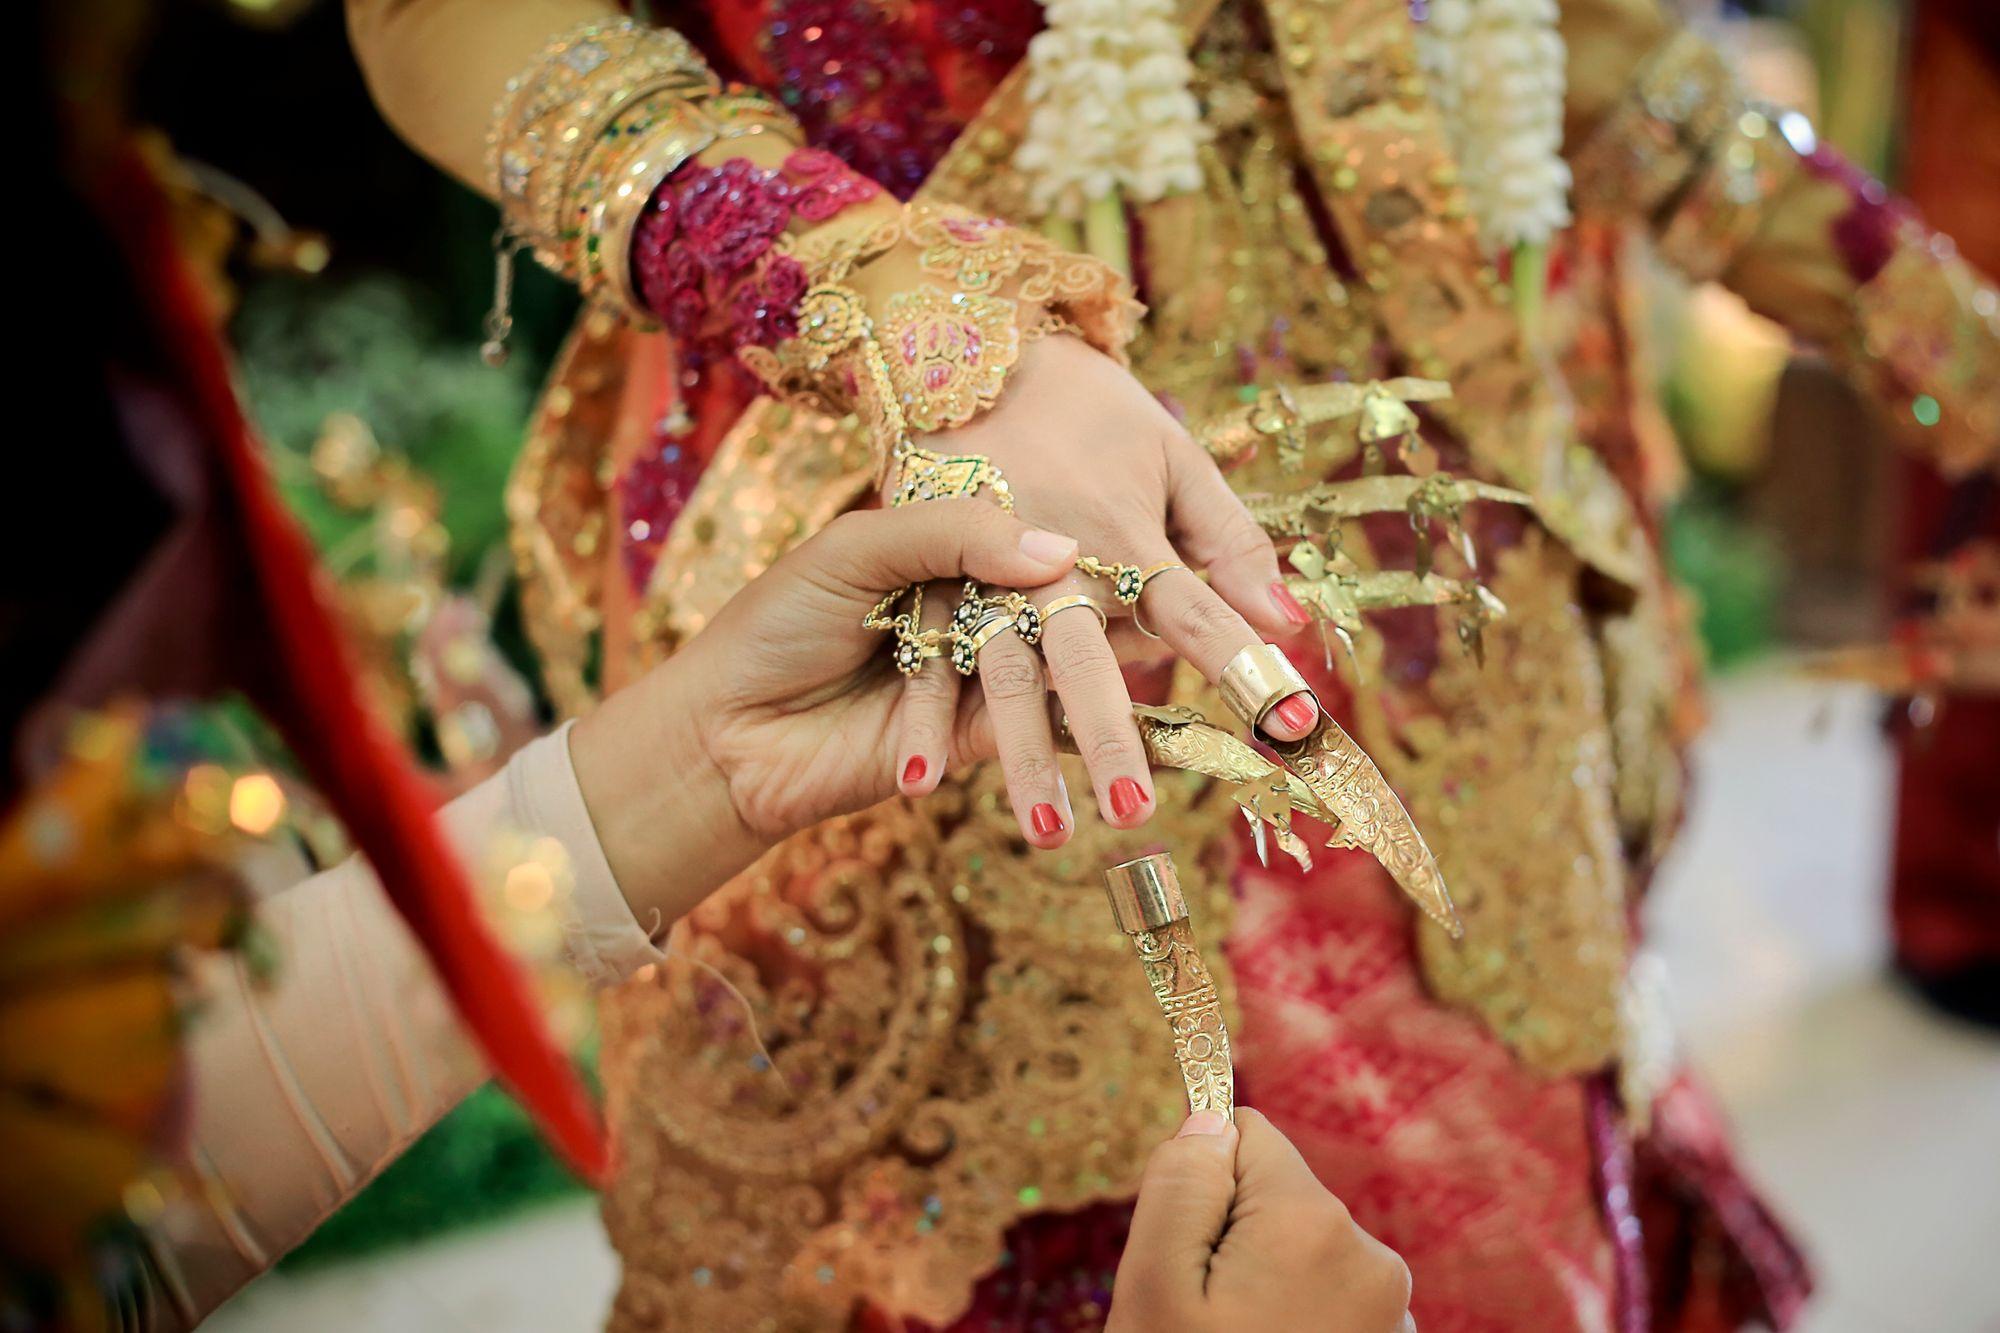 Pagar Pengantin: Tradisi Melepas Masa Lajang Menurut Adat Palembang